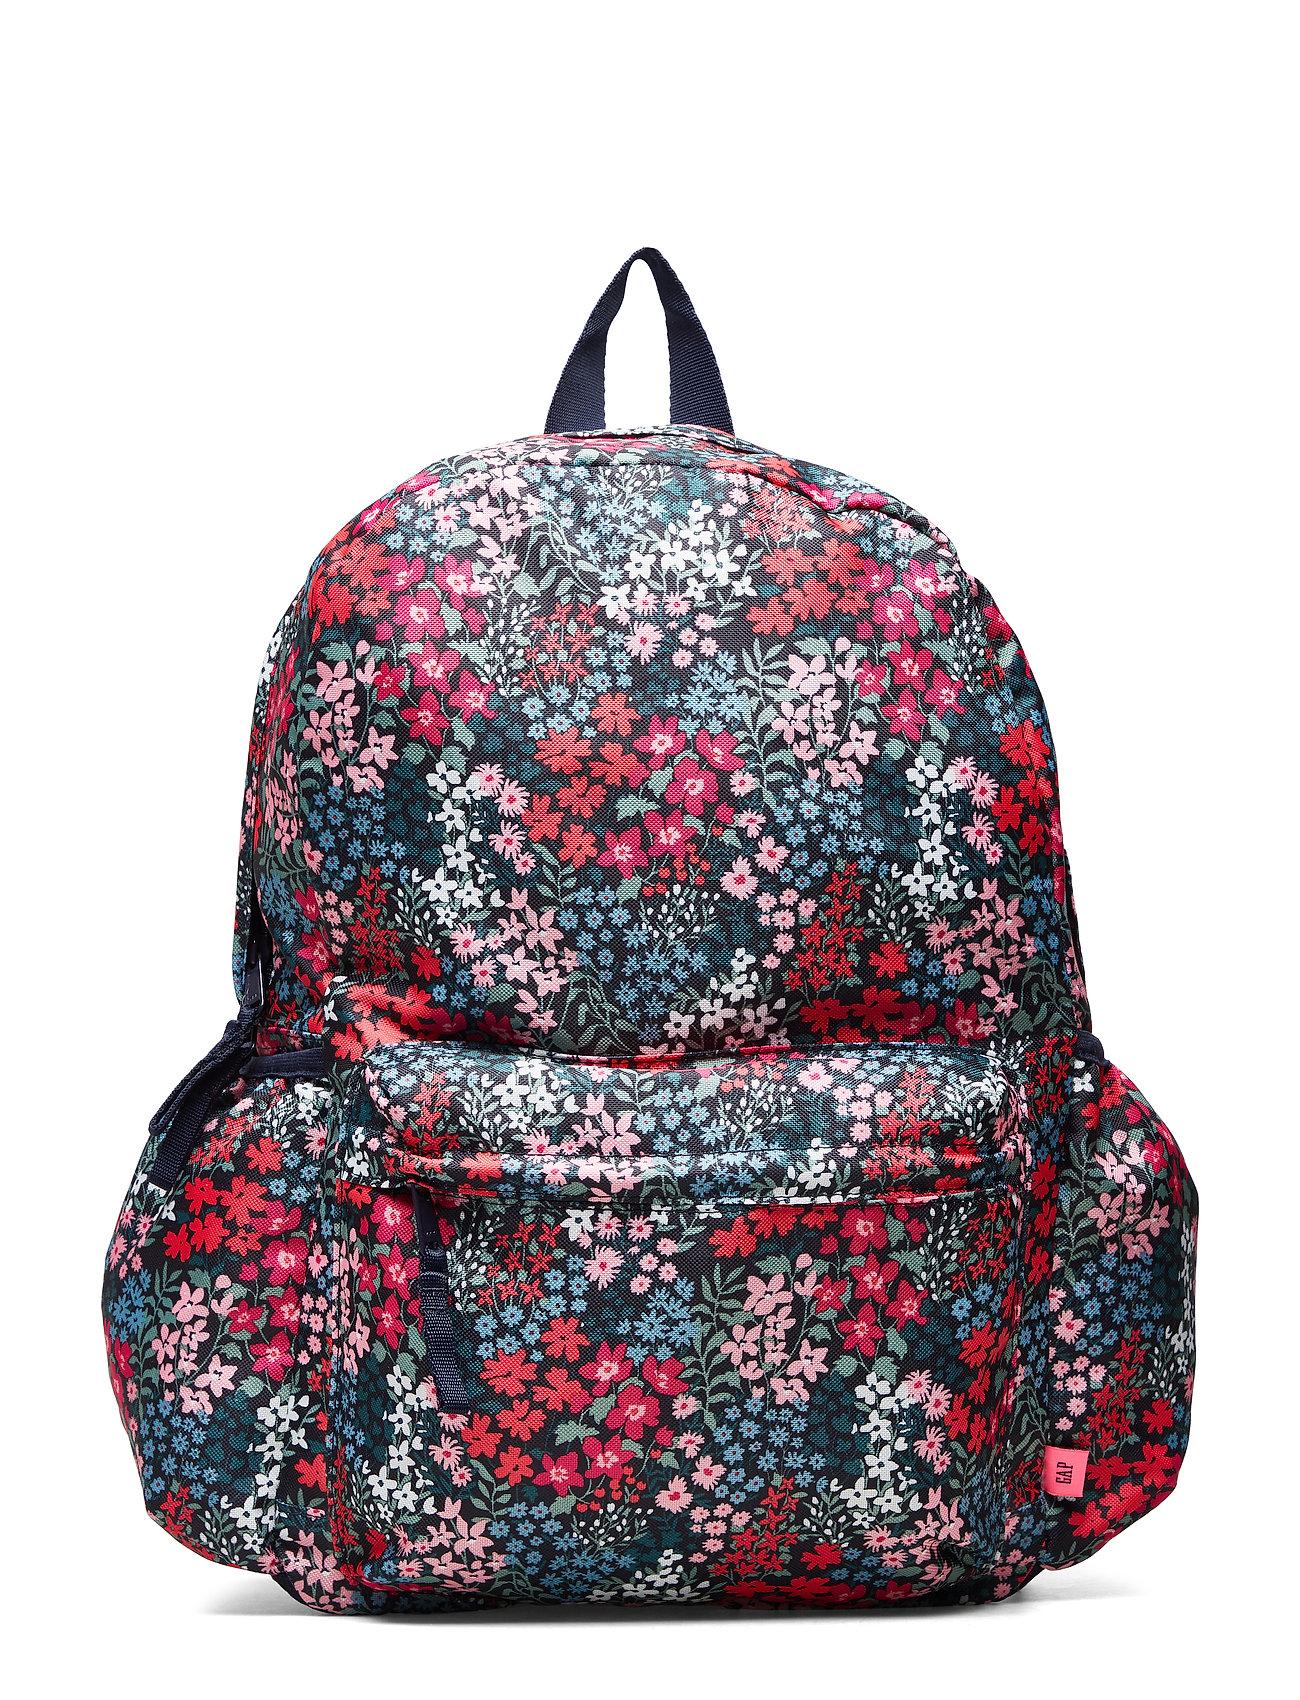 GAP Kids Floral Senior Backpack - NAVY FLORAL